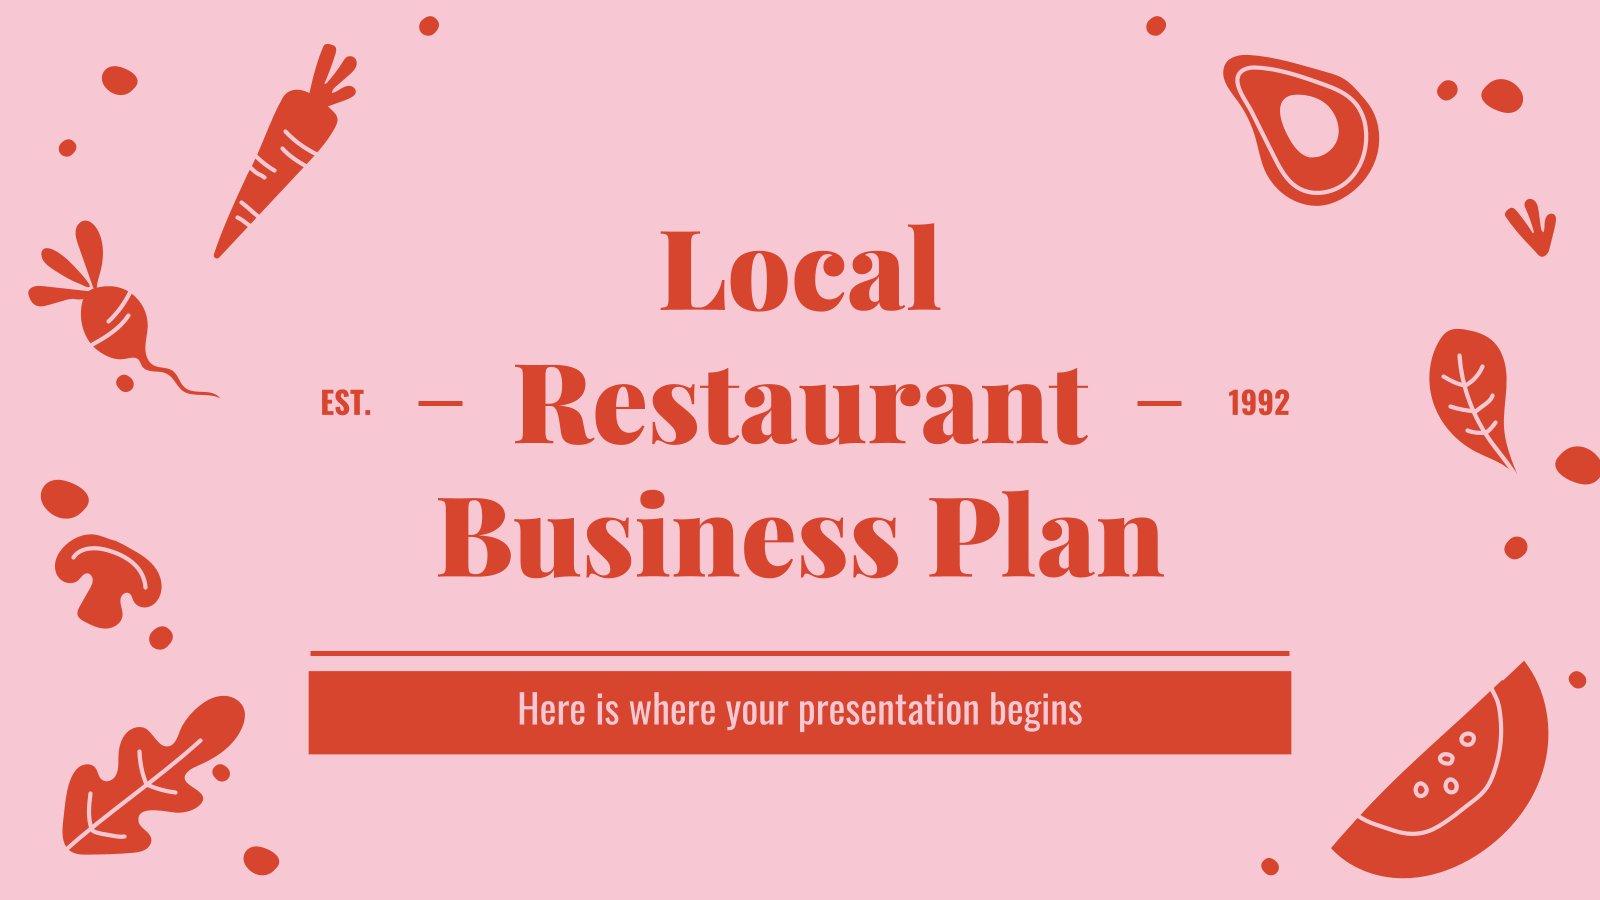 Plan d'affaires pour un restaurant local : Modèles de présentation